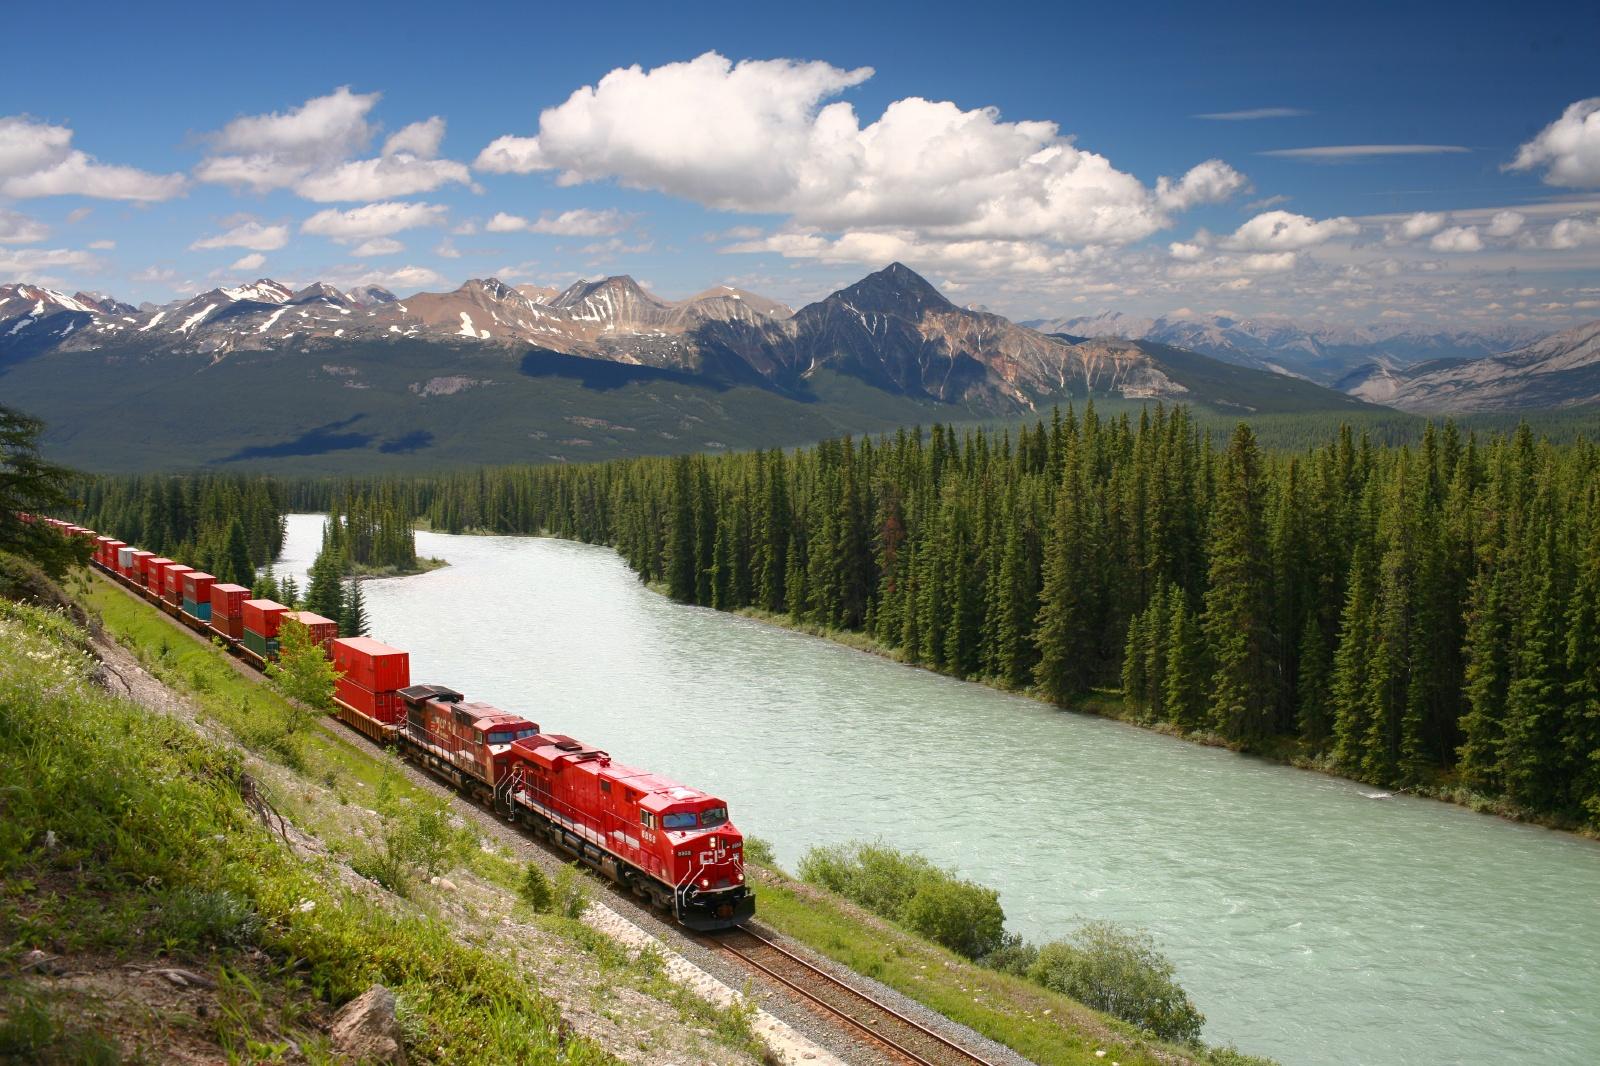 ボウ川沿いをゆく貨物列車 カナダの鉄道風景